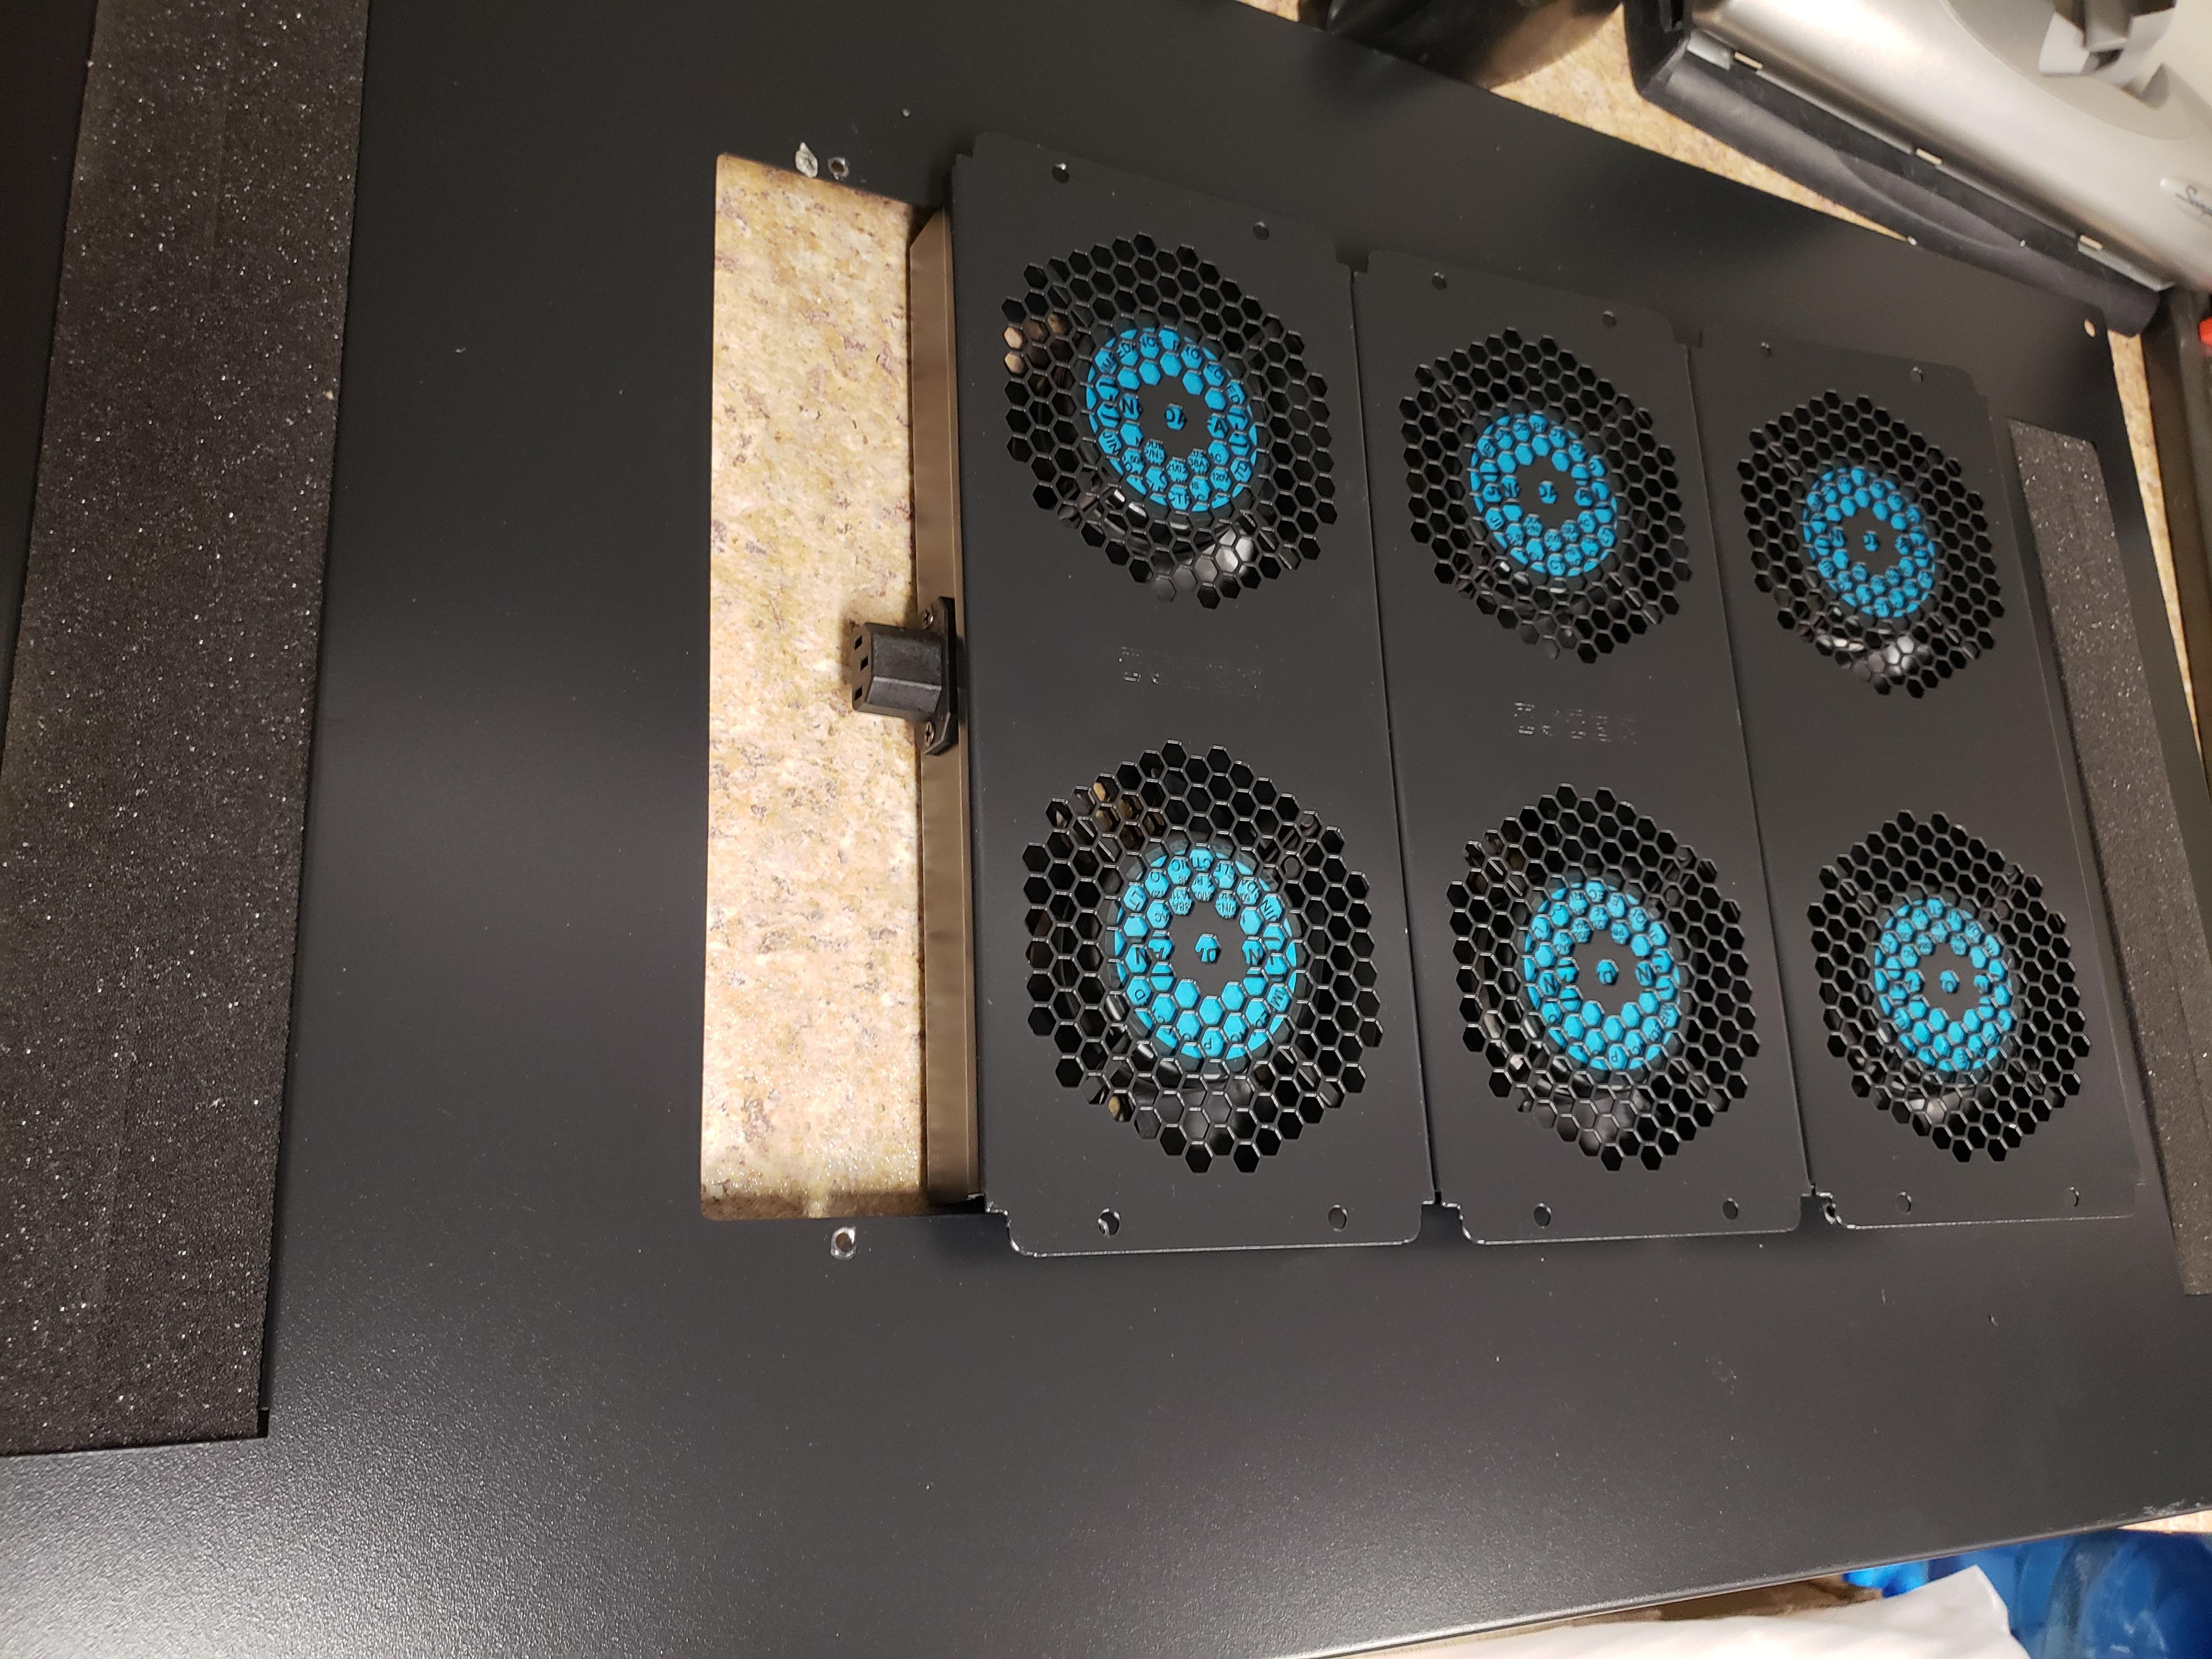 new fans for server rack